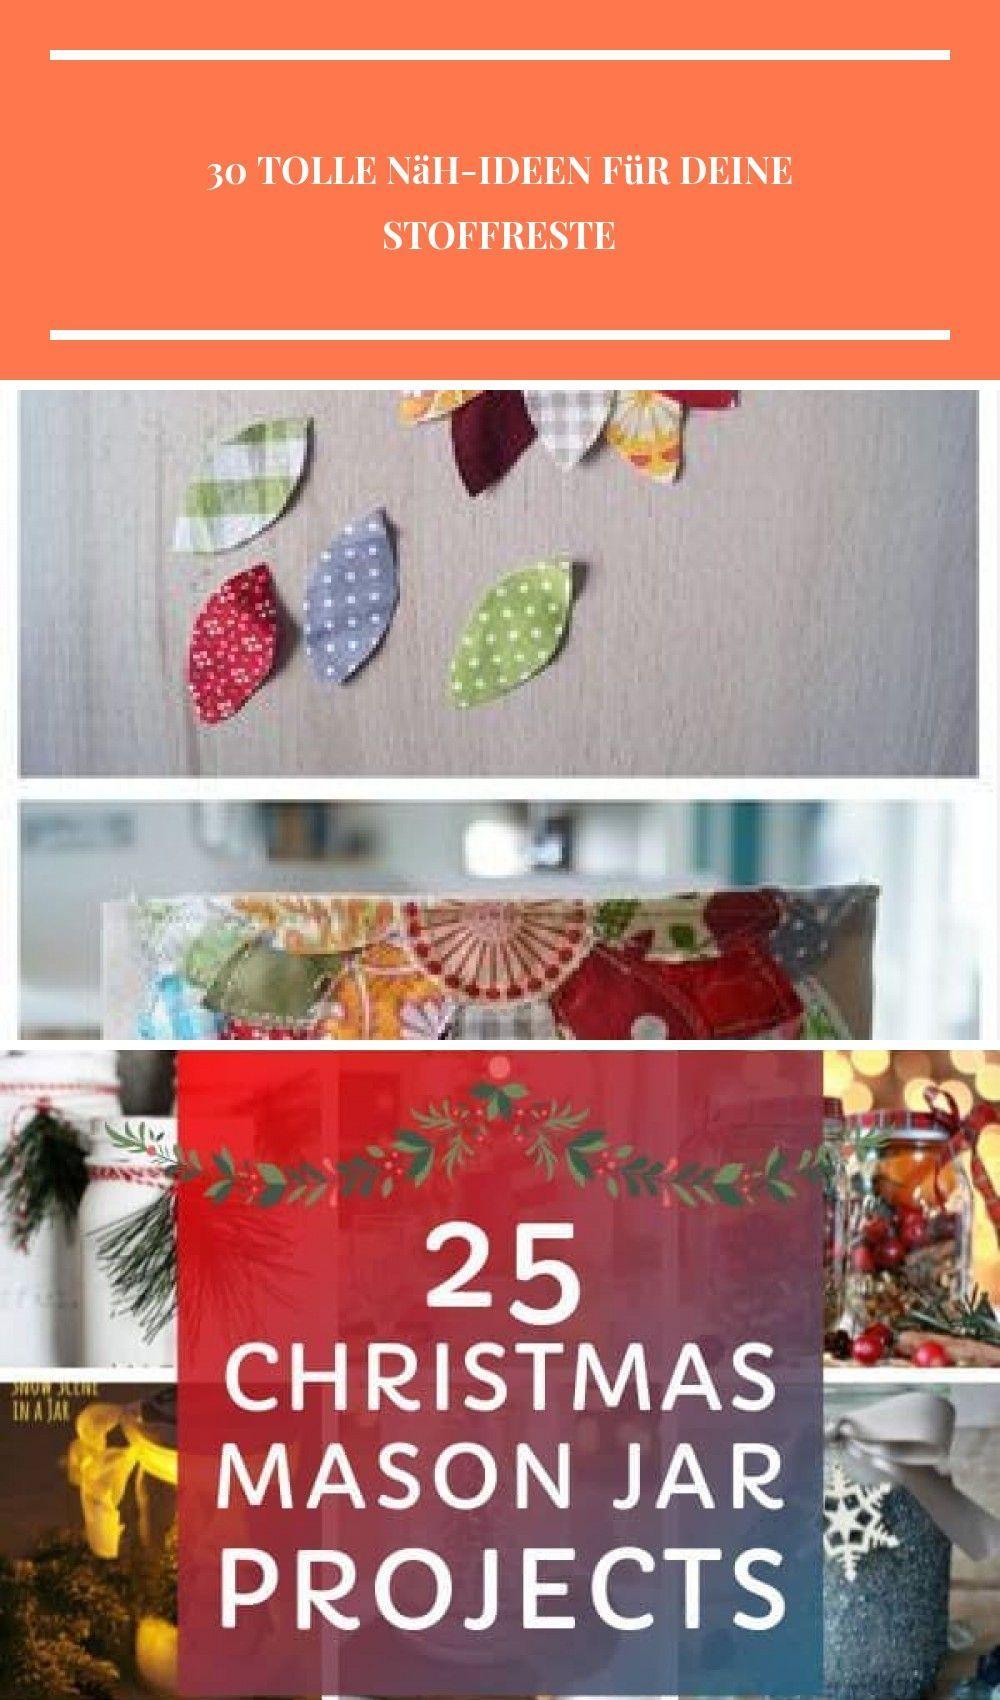 Applizieren, Blätter, Blume, Baumwollstoff, Ideen für Stoffreste, Näh-Idee, Kleinigkeiten nähen, kleine Geschenke, für Weihnachten, für Basar, Stoffreste verwerten, kostenlose Schnittmuster, DIY Weihnachten 30 tolle Näh-Ideen für deine Stoffreste #kleinigkeitennähen Applizieren, Blätter, Blume, Baumwollstoff, Ideen für Stoffreste, Näh-Idee, Kleinigkeiten nähen, kleine Geschenke, für Weihnachten, für Basar, Stoffreste verwerten, kostenlose Schnittmuster, DIY Weihnachten 30 tolle N� #stoffresteverwerten